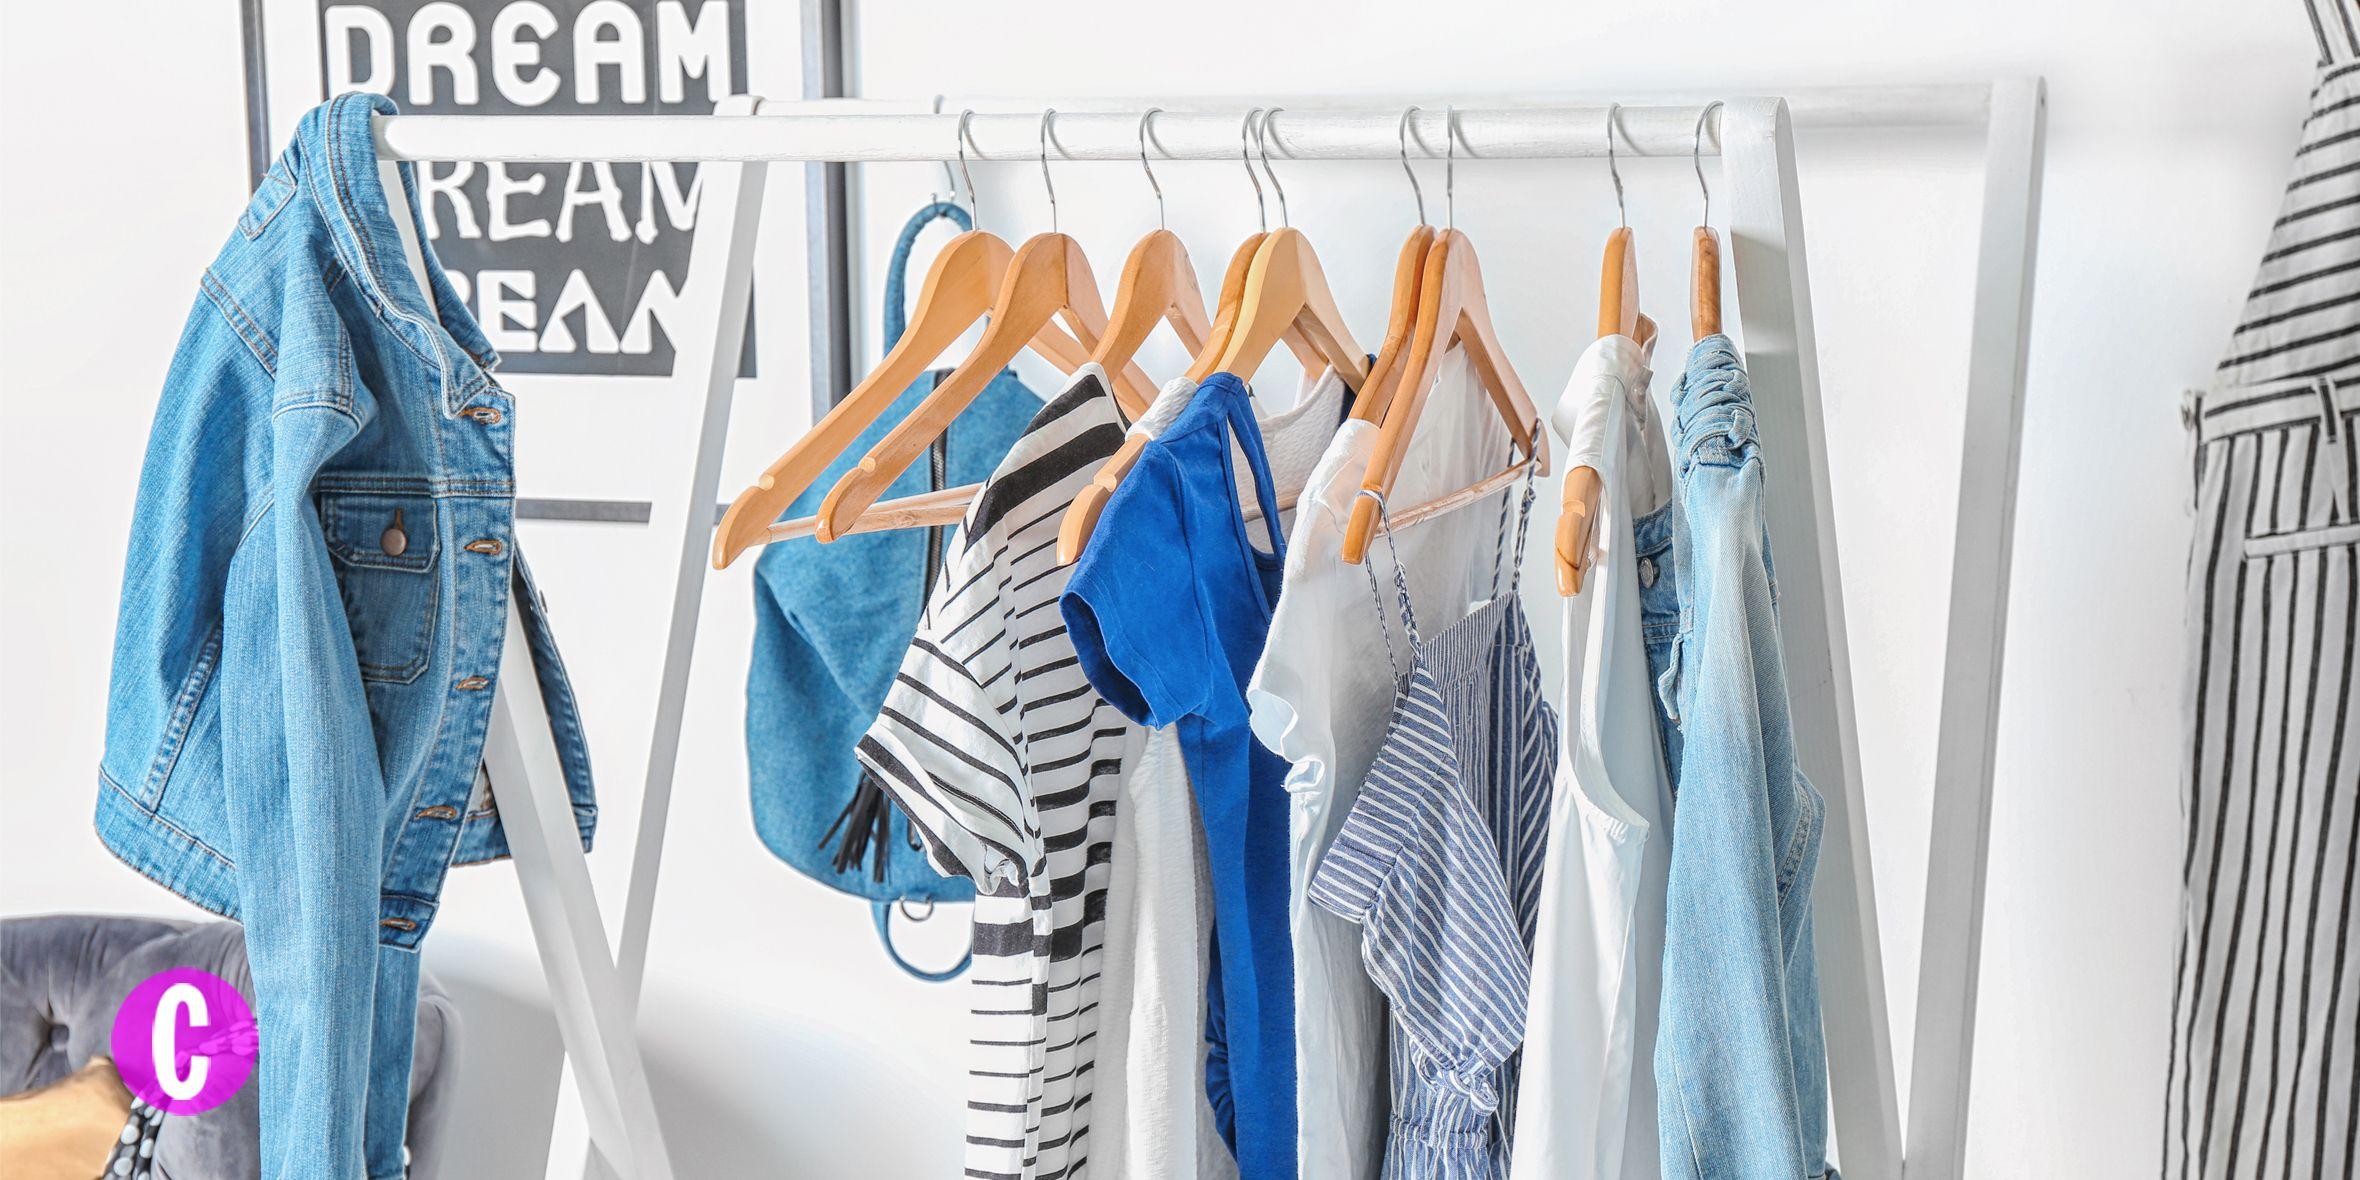 Quanti trucchi conosci per avere un guardaroba che splenda per ordine e perfezione: per prima cosa è necessario svuotare COMPLETAMENTE il proprio armadio, mettere gli indumenti e gli accessori sul letto e cominciare.